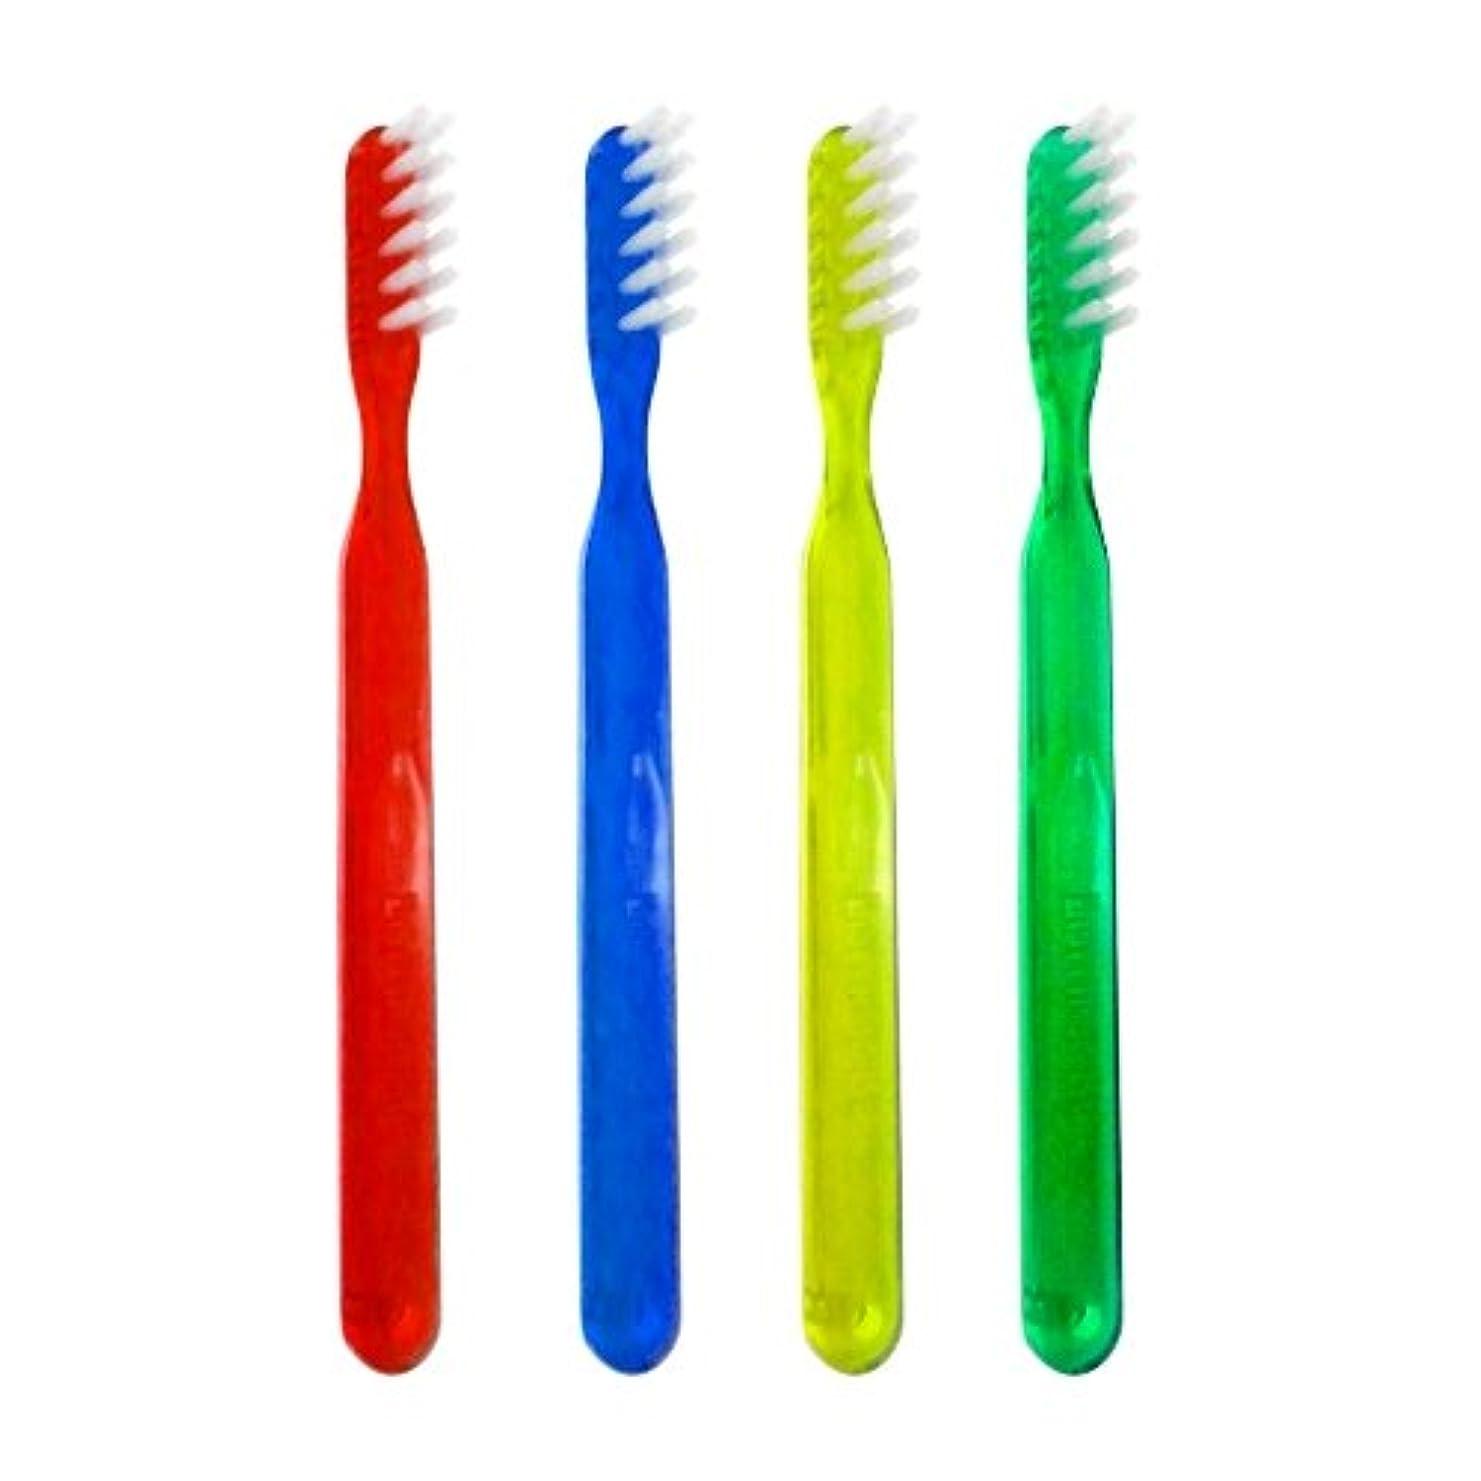 アプライアンスデコードする法律によりヘレウス ルミデント 歯ブラシ 1本 ローリングM